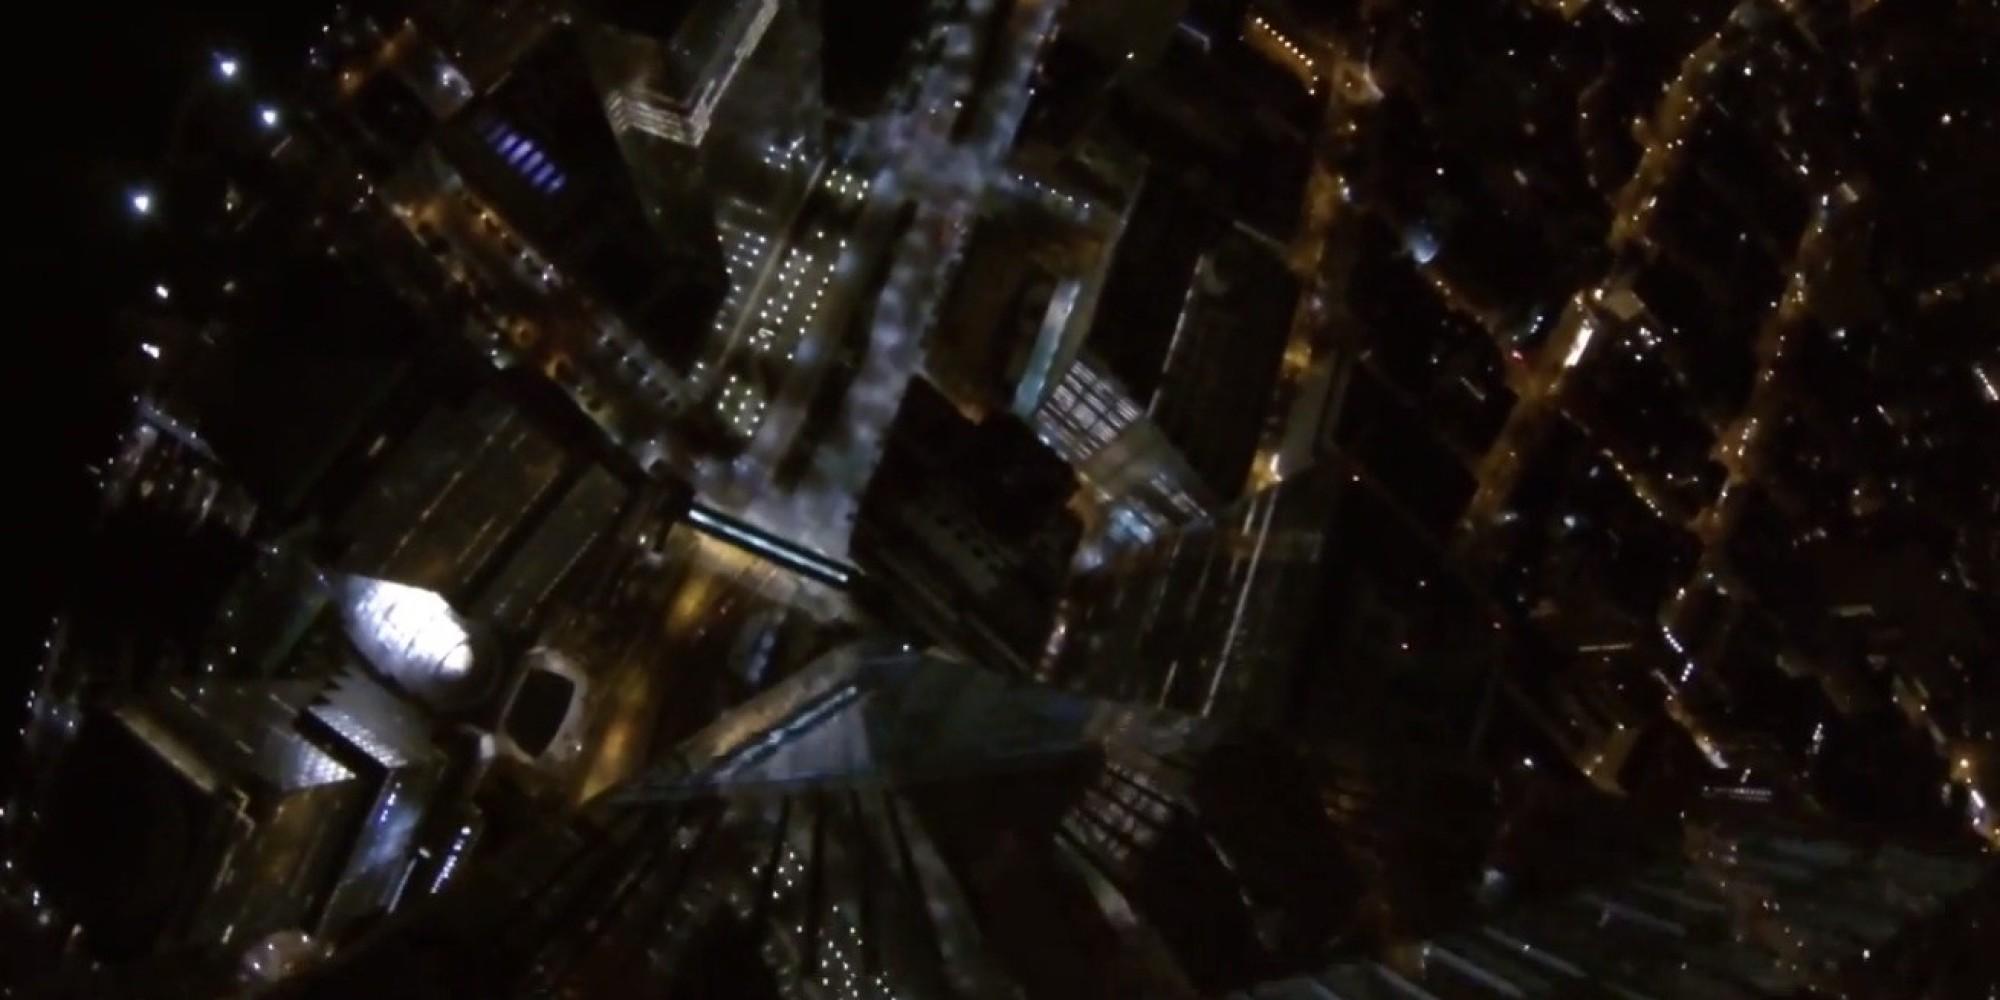 فيديو القفز بمظلة من أعلى برج في نصف الكرة الارضية الغربي